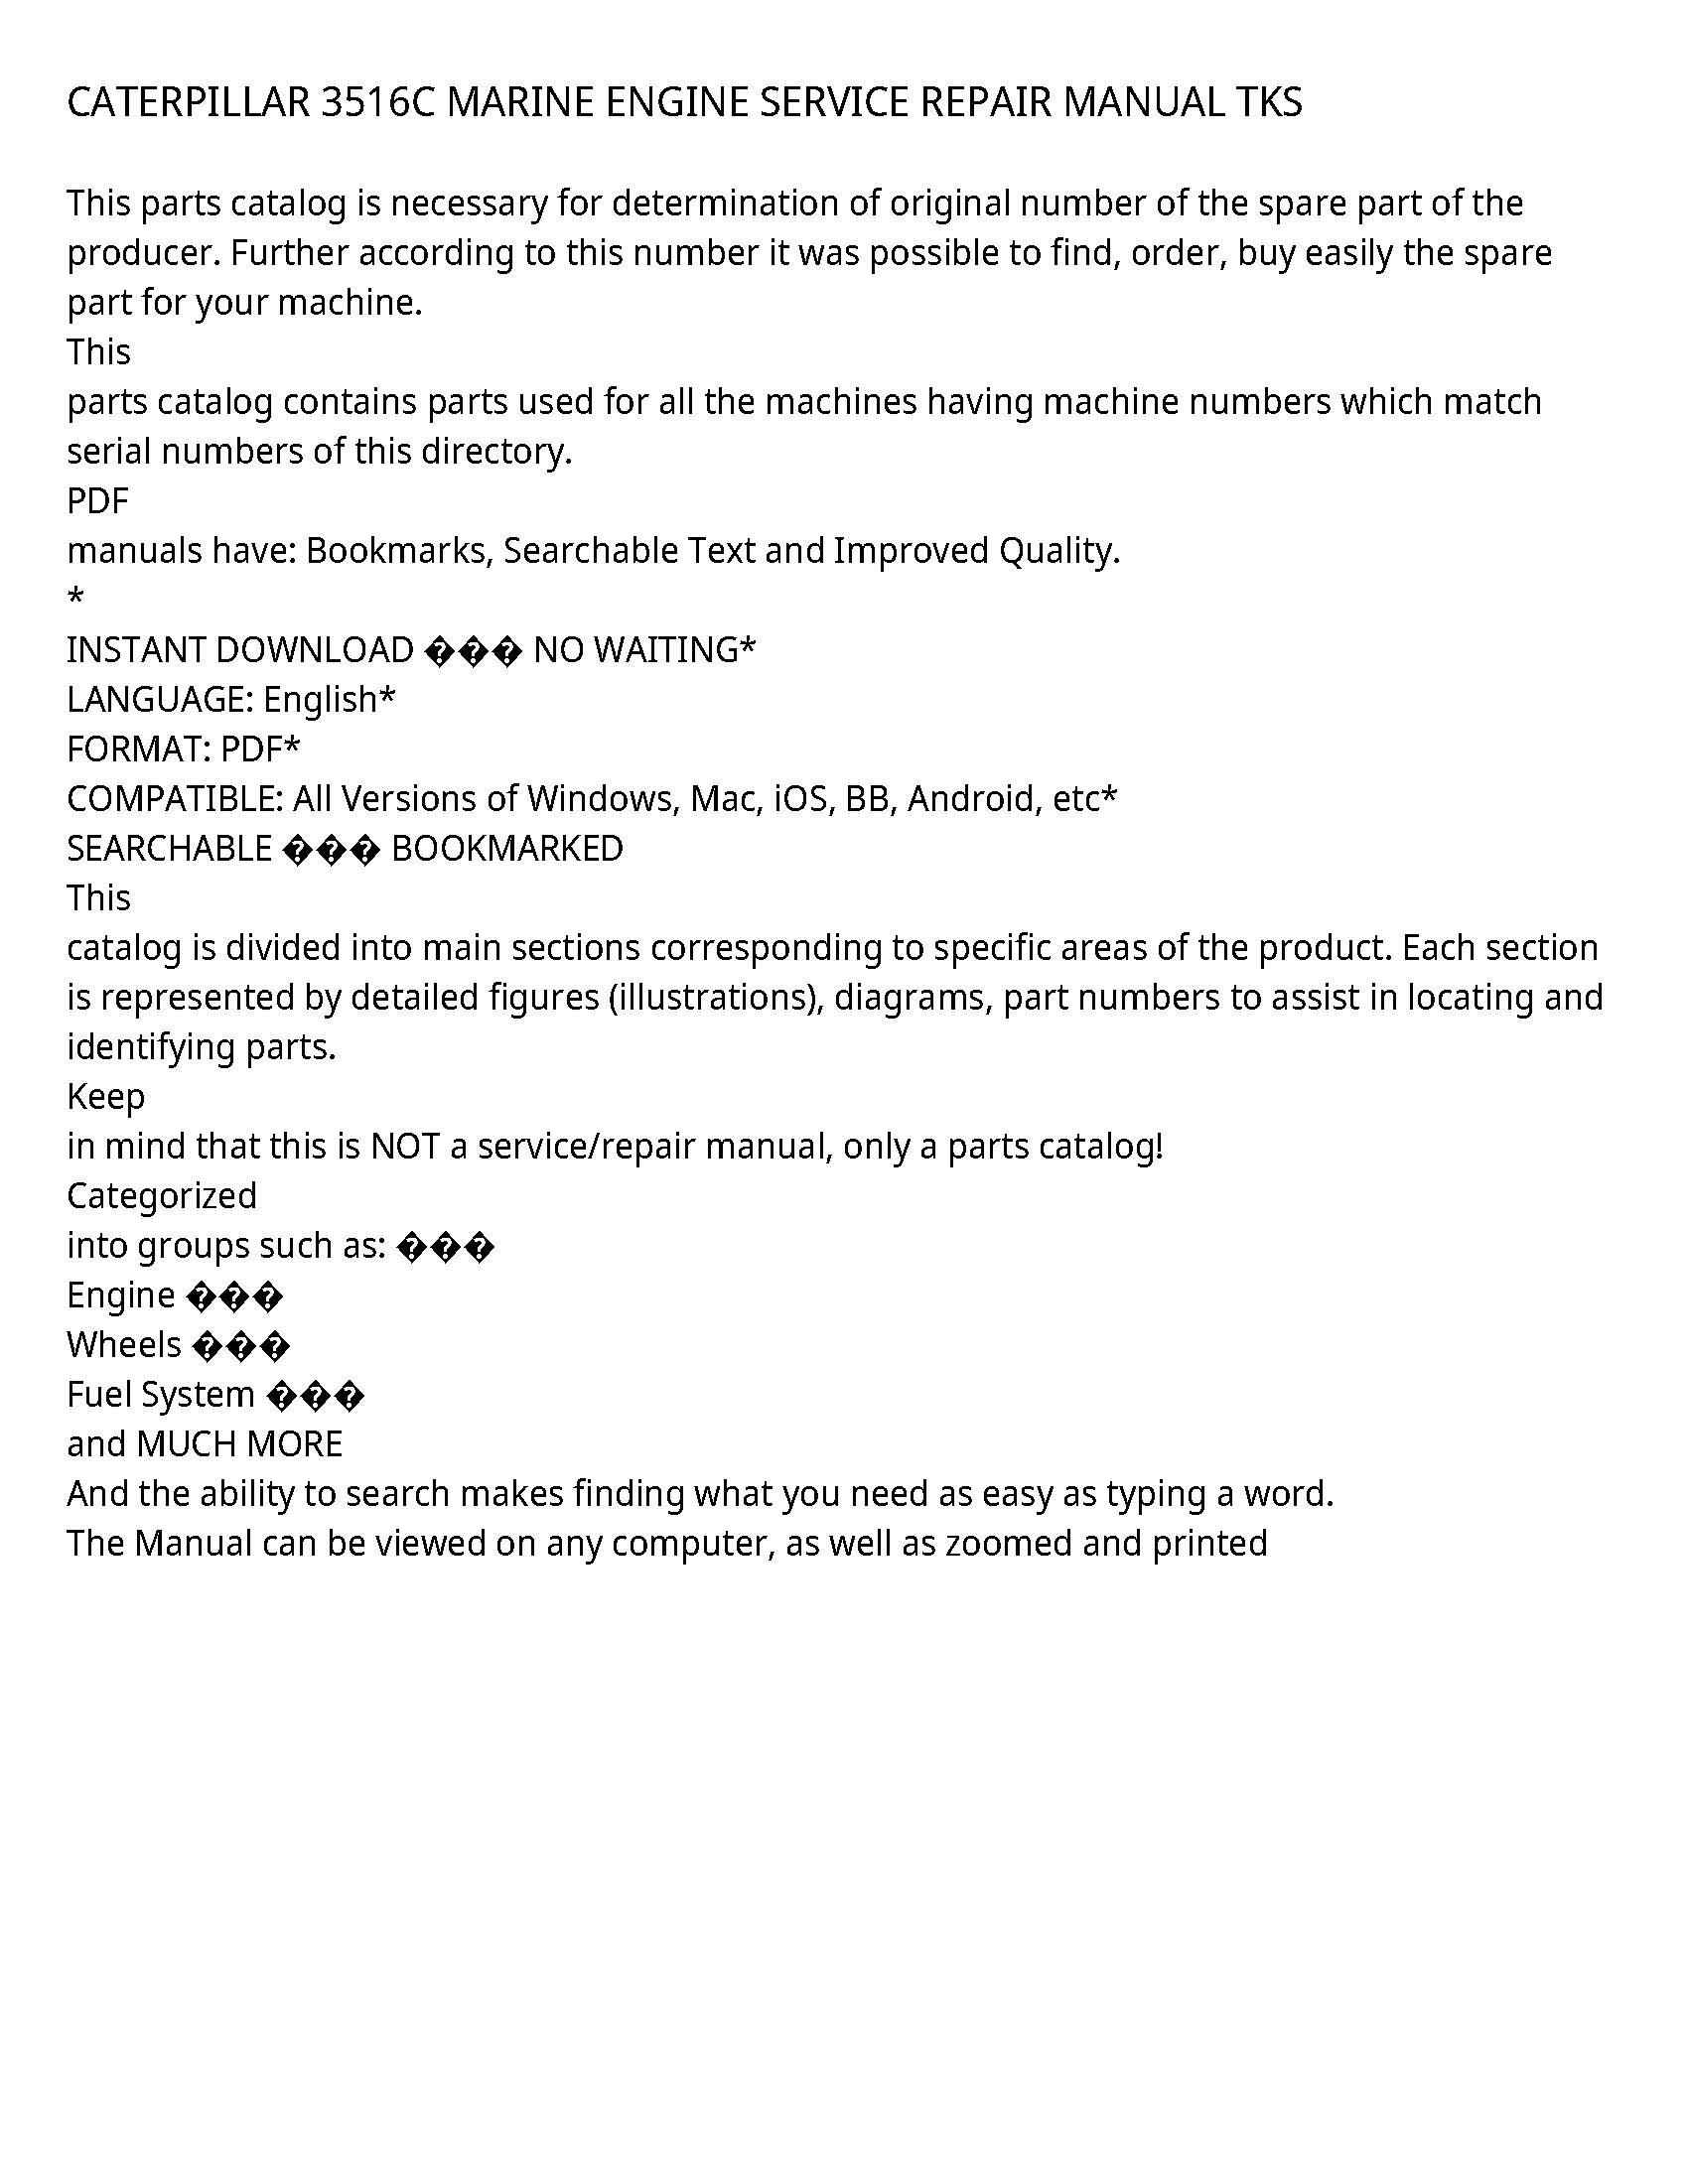 Caterpillar 3516C service manual